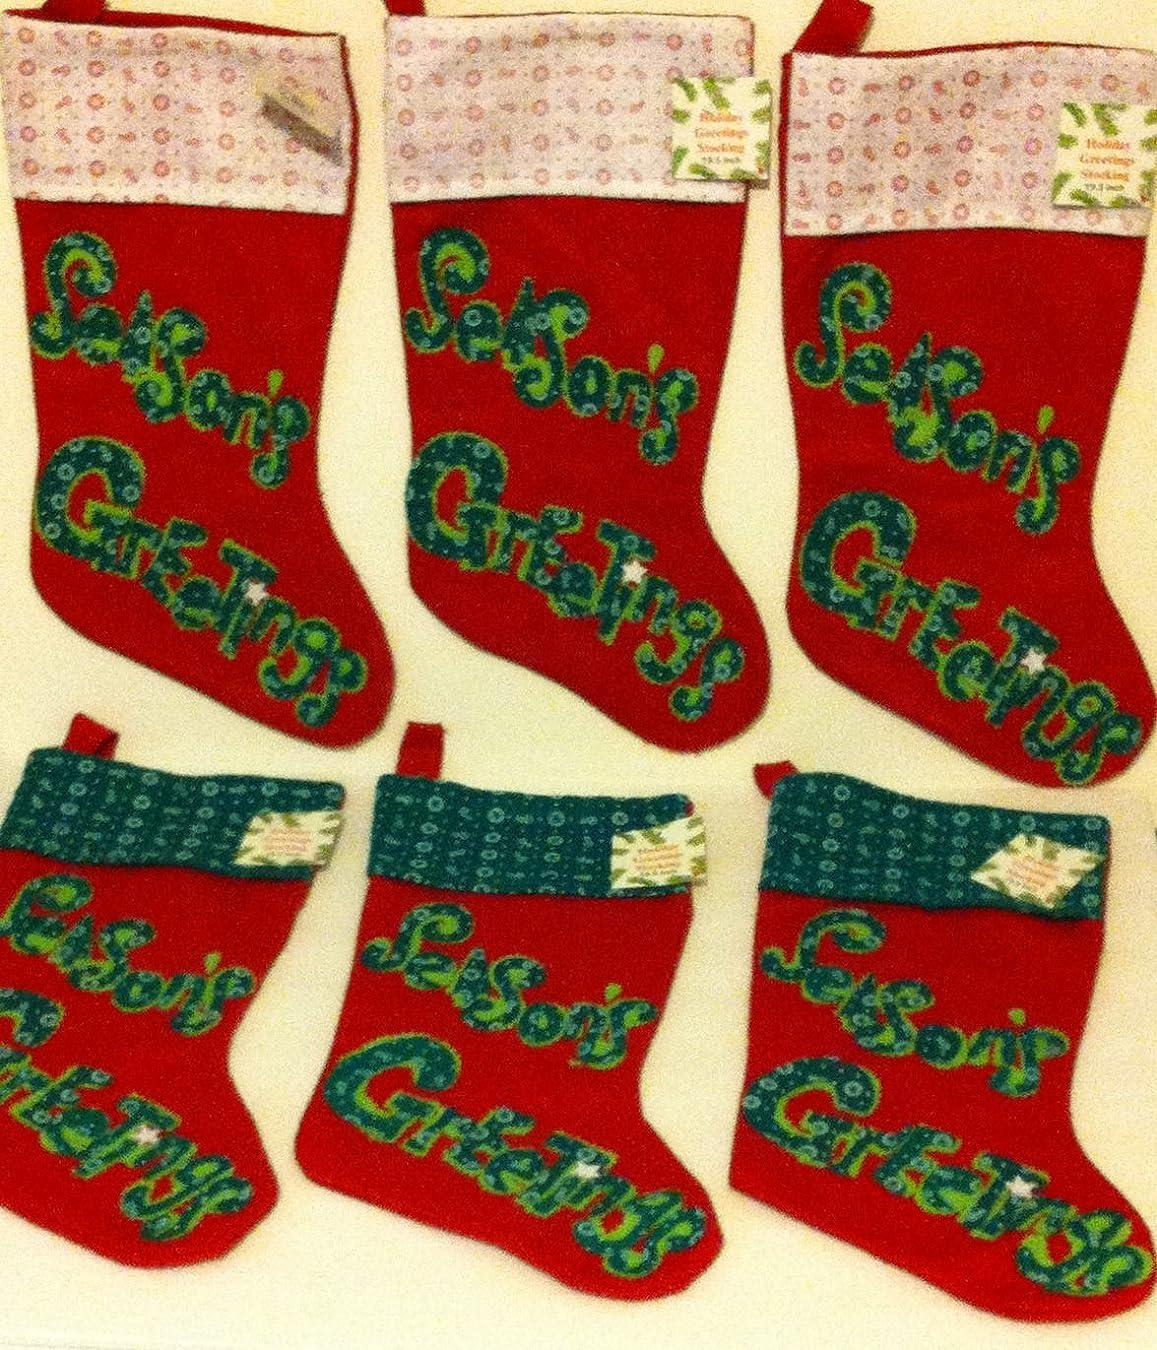 体細胞効果的ダーベビルのテスバンドルの6?Holiday Felt stockings- 3?Red Stockings withグリーンカフス、3?Reds Stockings withホワイト袖口、すべてのwithグリーン